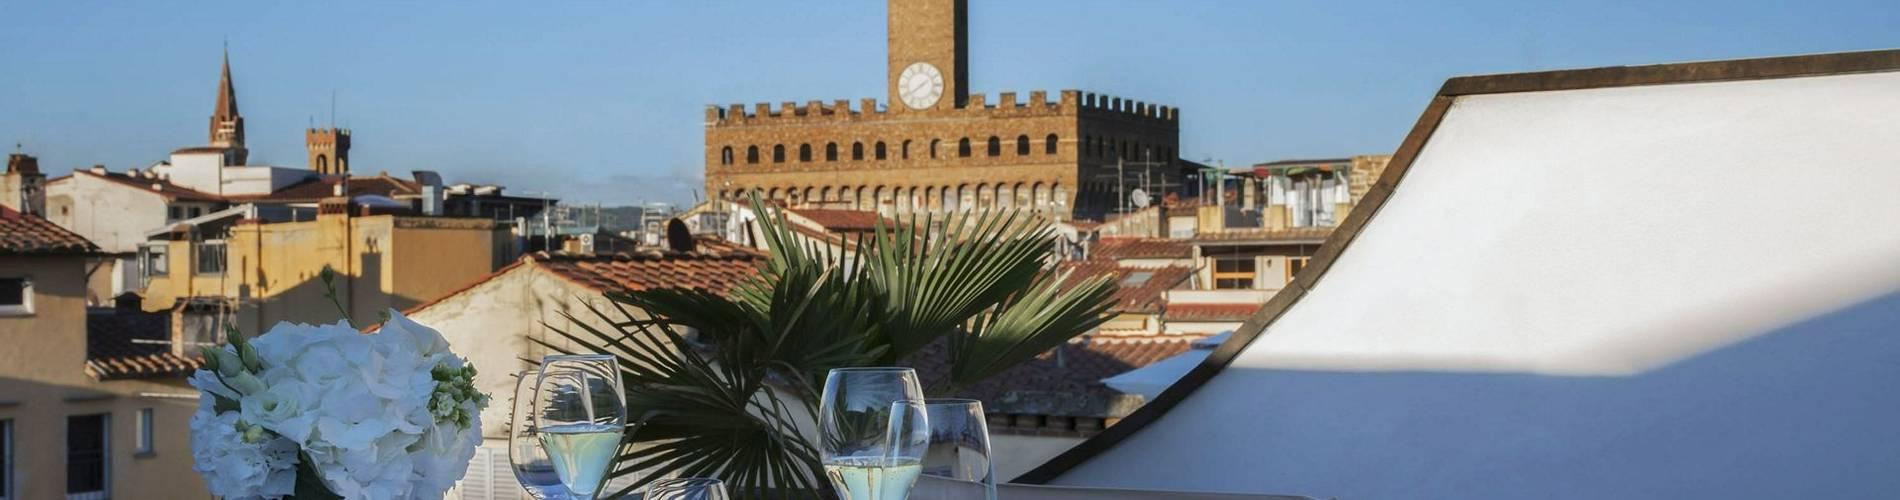 Gallery Art Hotel, Tuscany, Italy, Penthouse Palazzo Vecchio (9).jpg